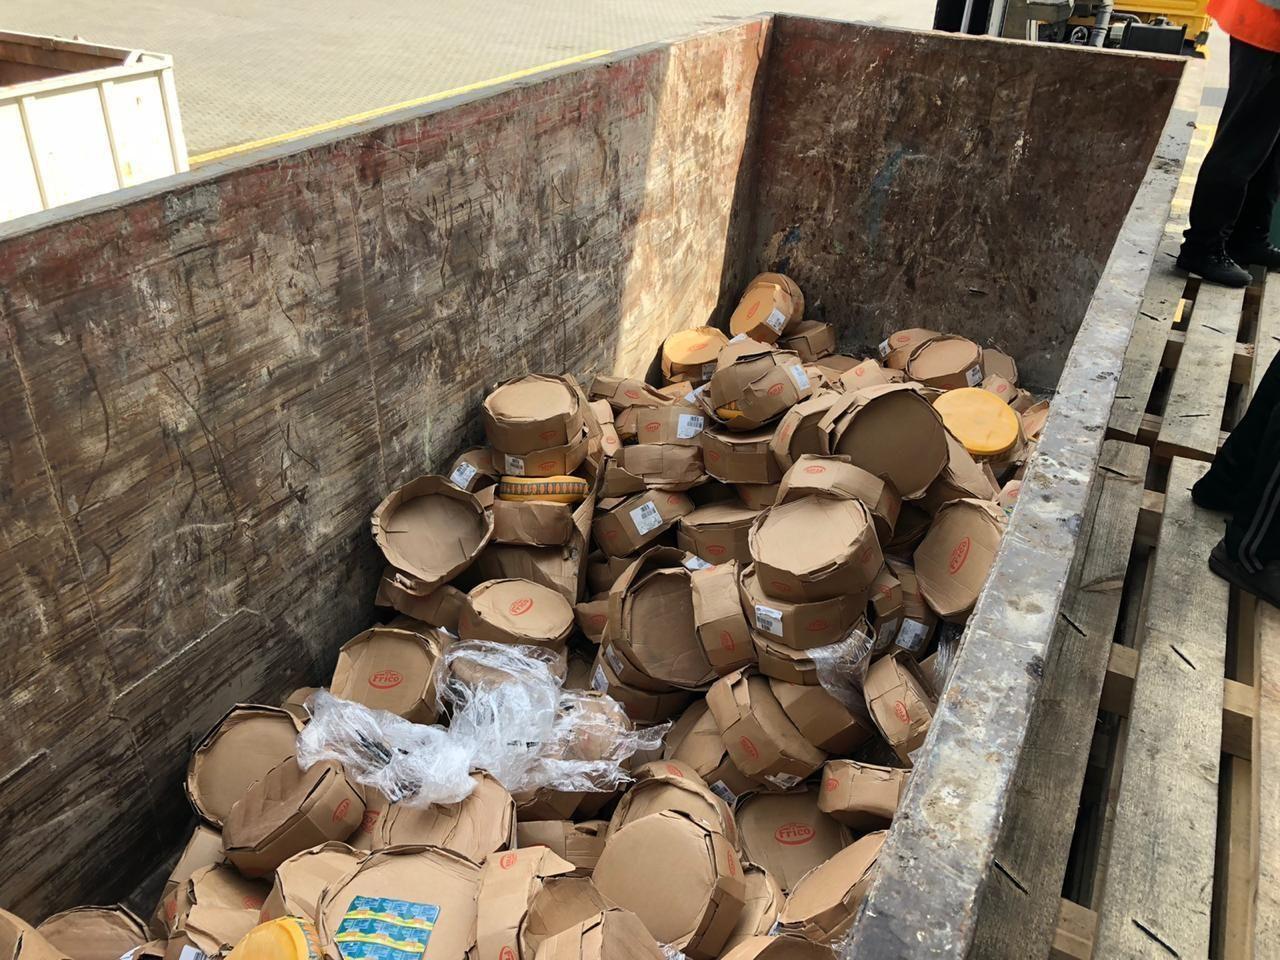 В годовщину начала блокады Ленинграда в городе уничтожили 46 тонн санкционного сыра, масла и хамона